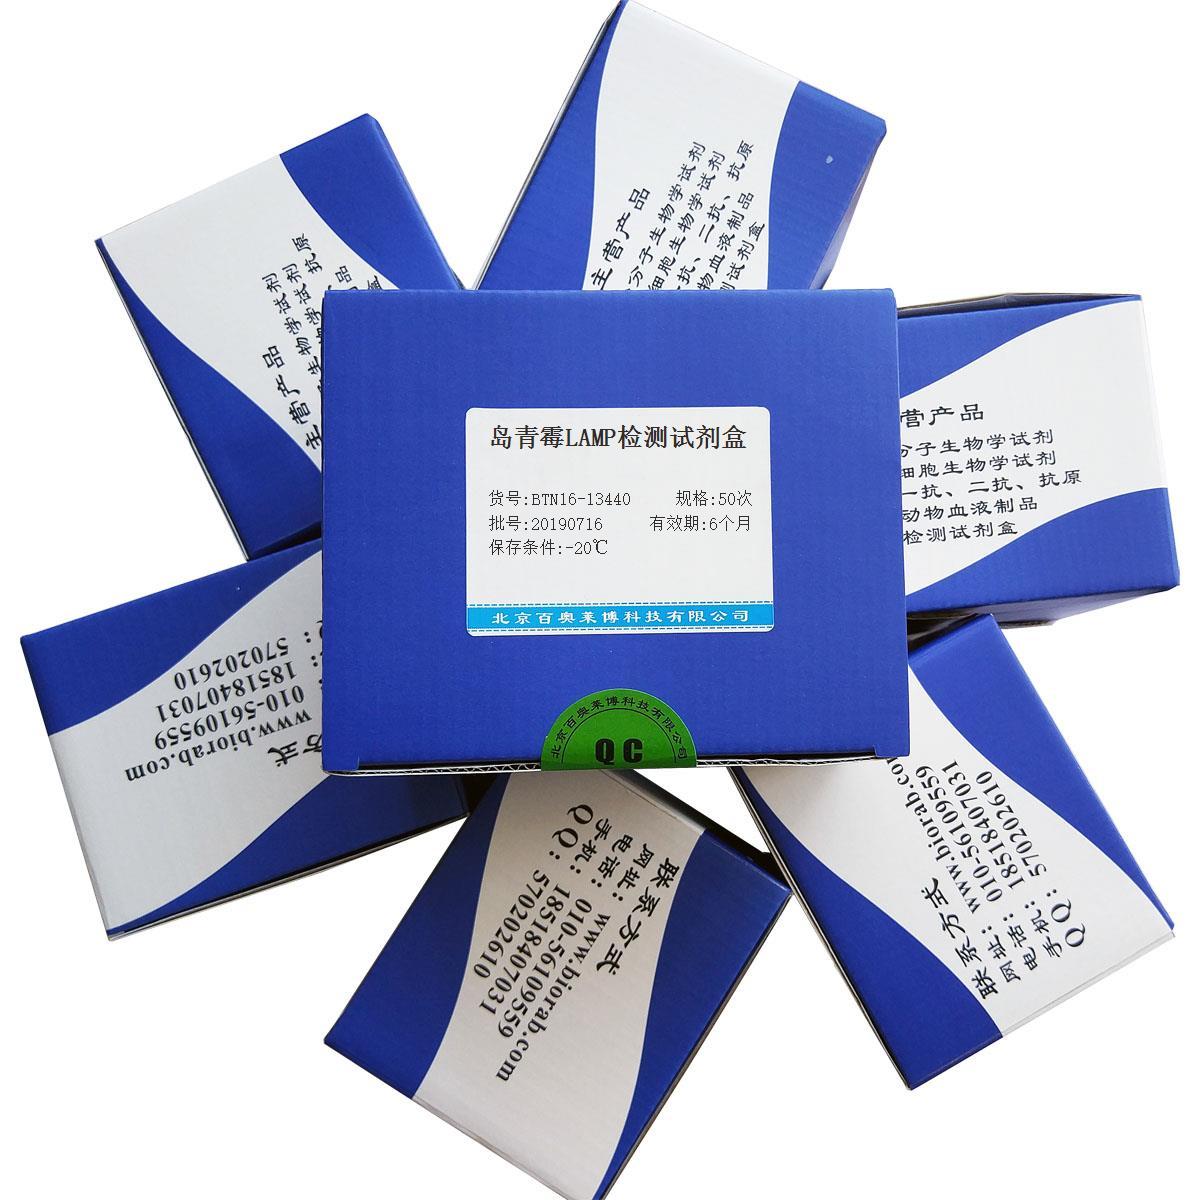 岛青霉LAMP检测试剂盒北京价格